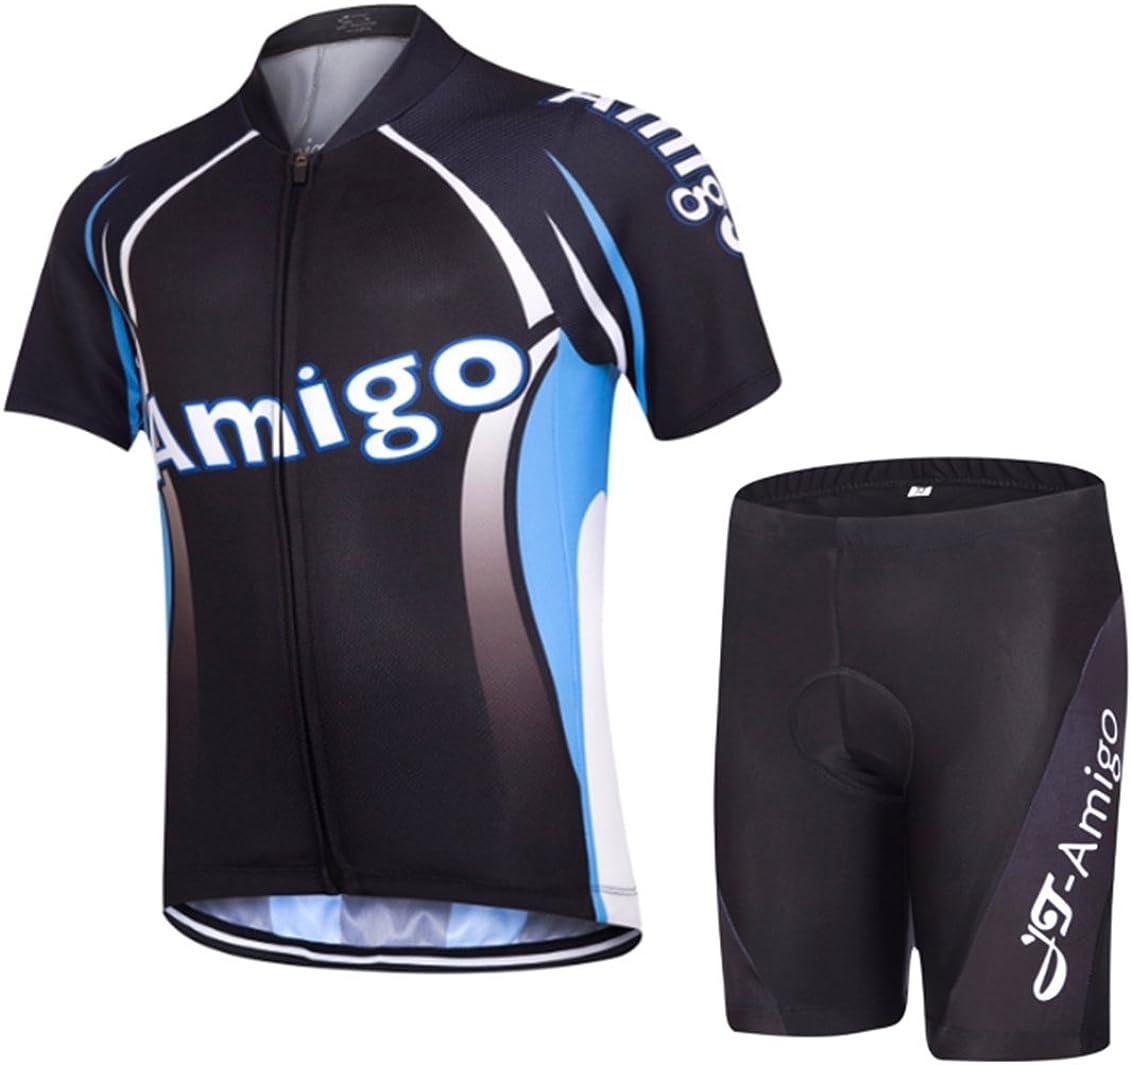 Short Sleeve Jersey + Padded Shorts AMIGO JT Kids Cycling Jersey Set